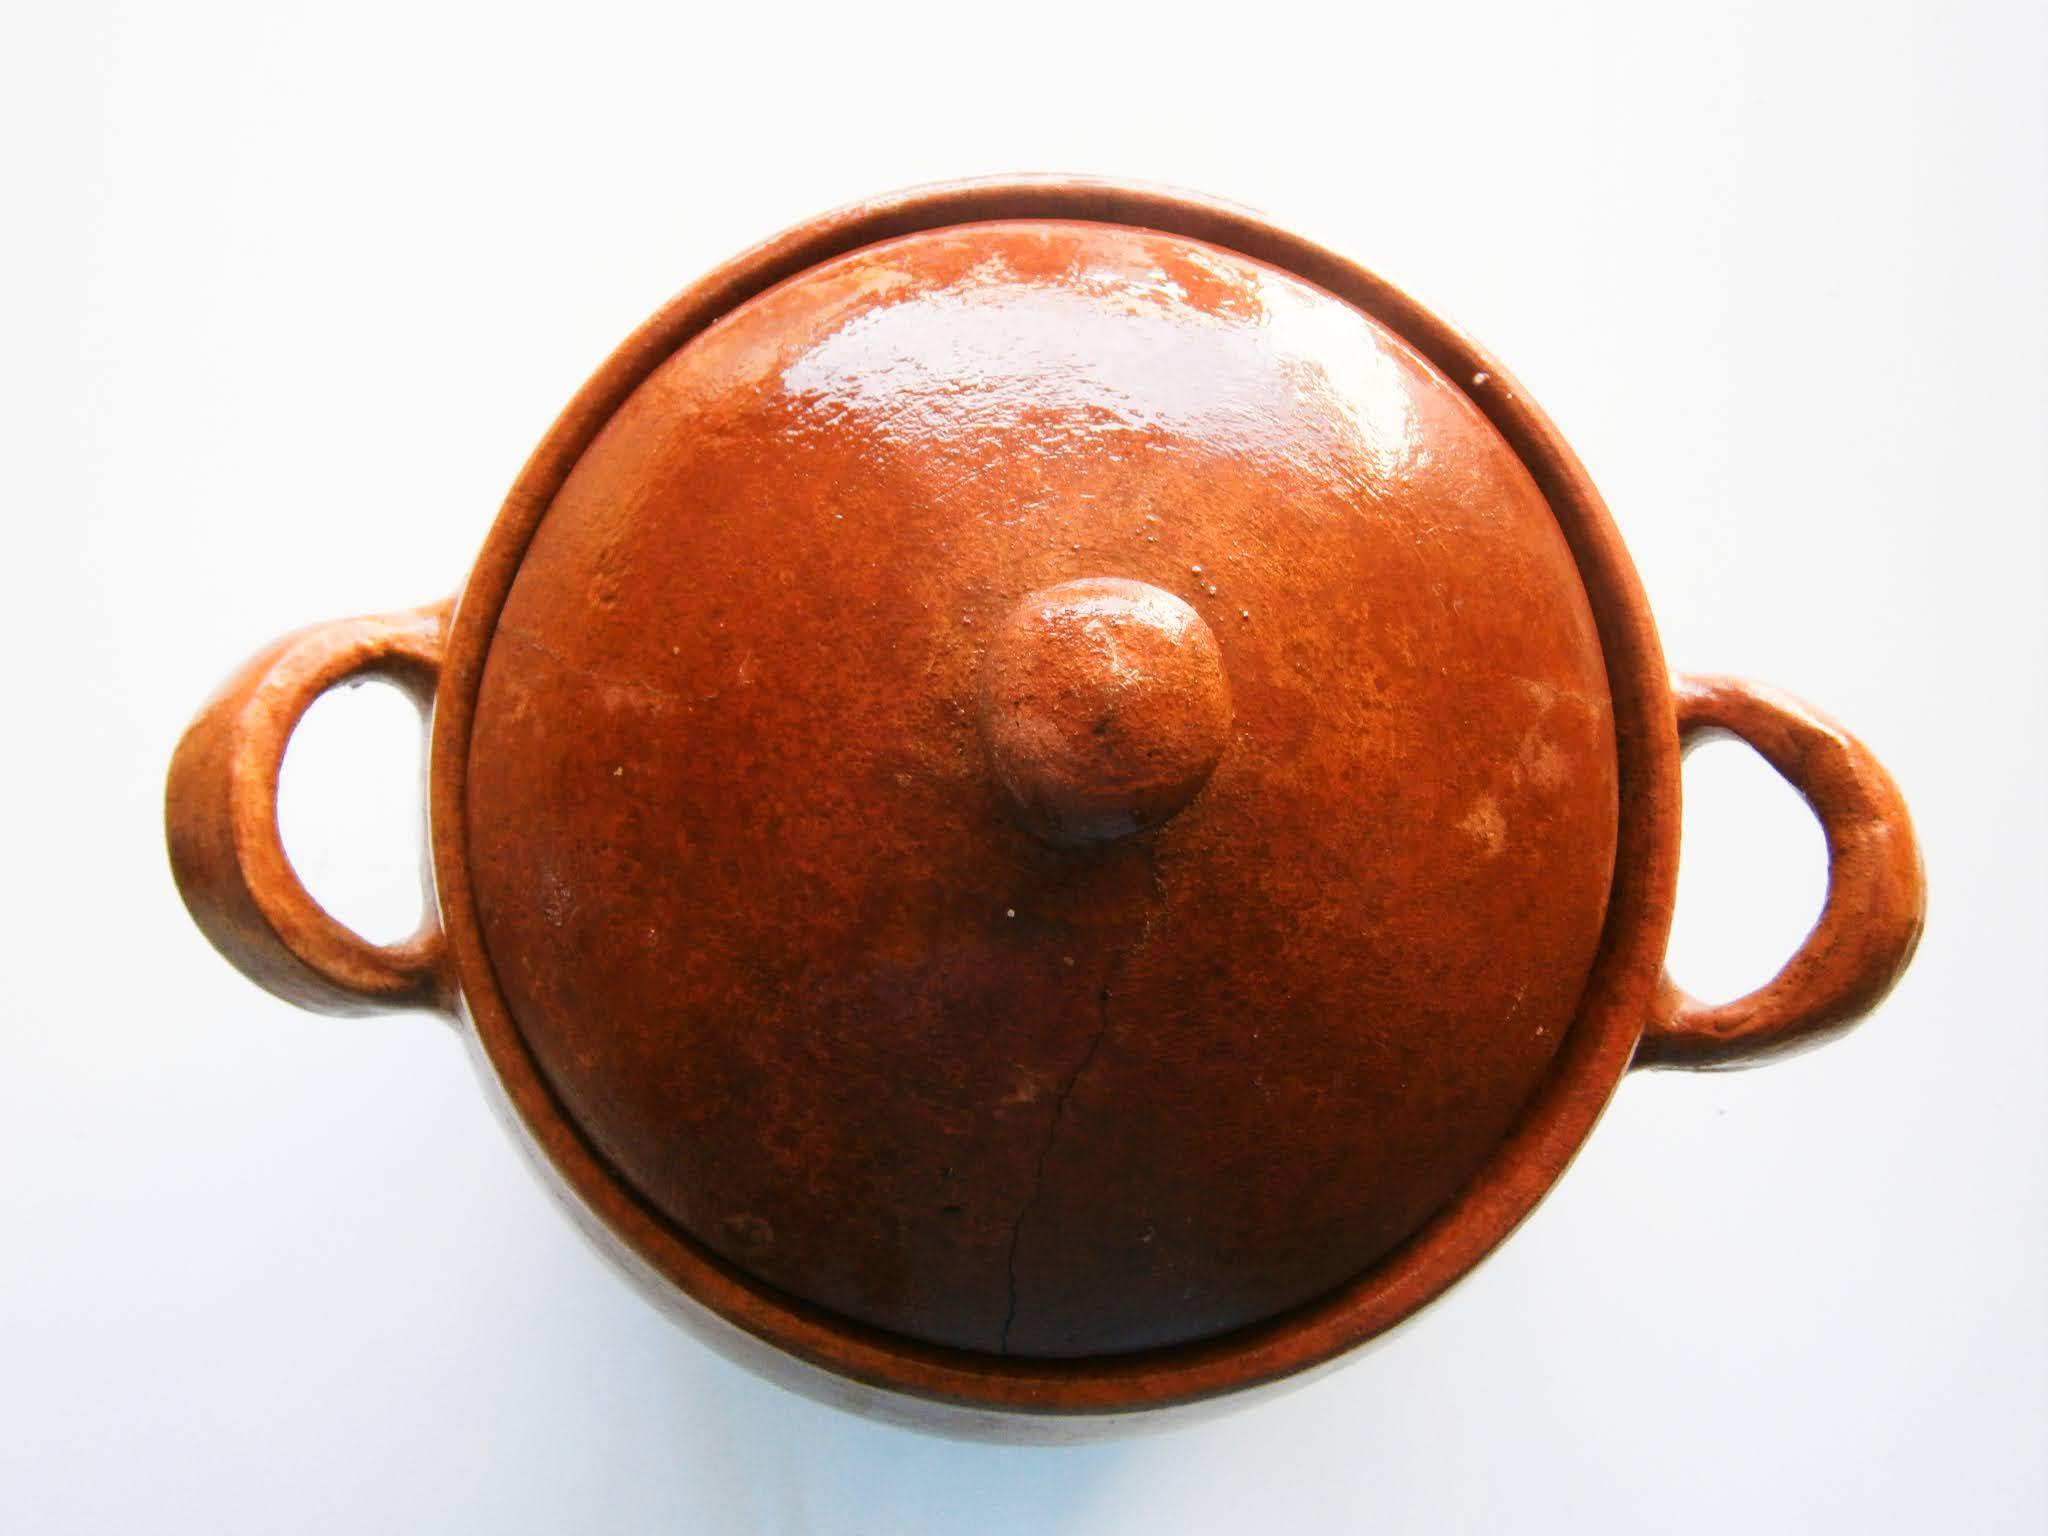 Olla de barro usado en la cocina peruana y otras cocinas del mundo